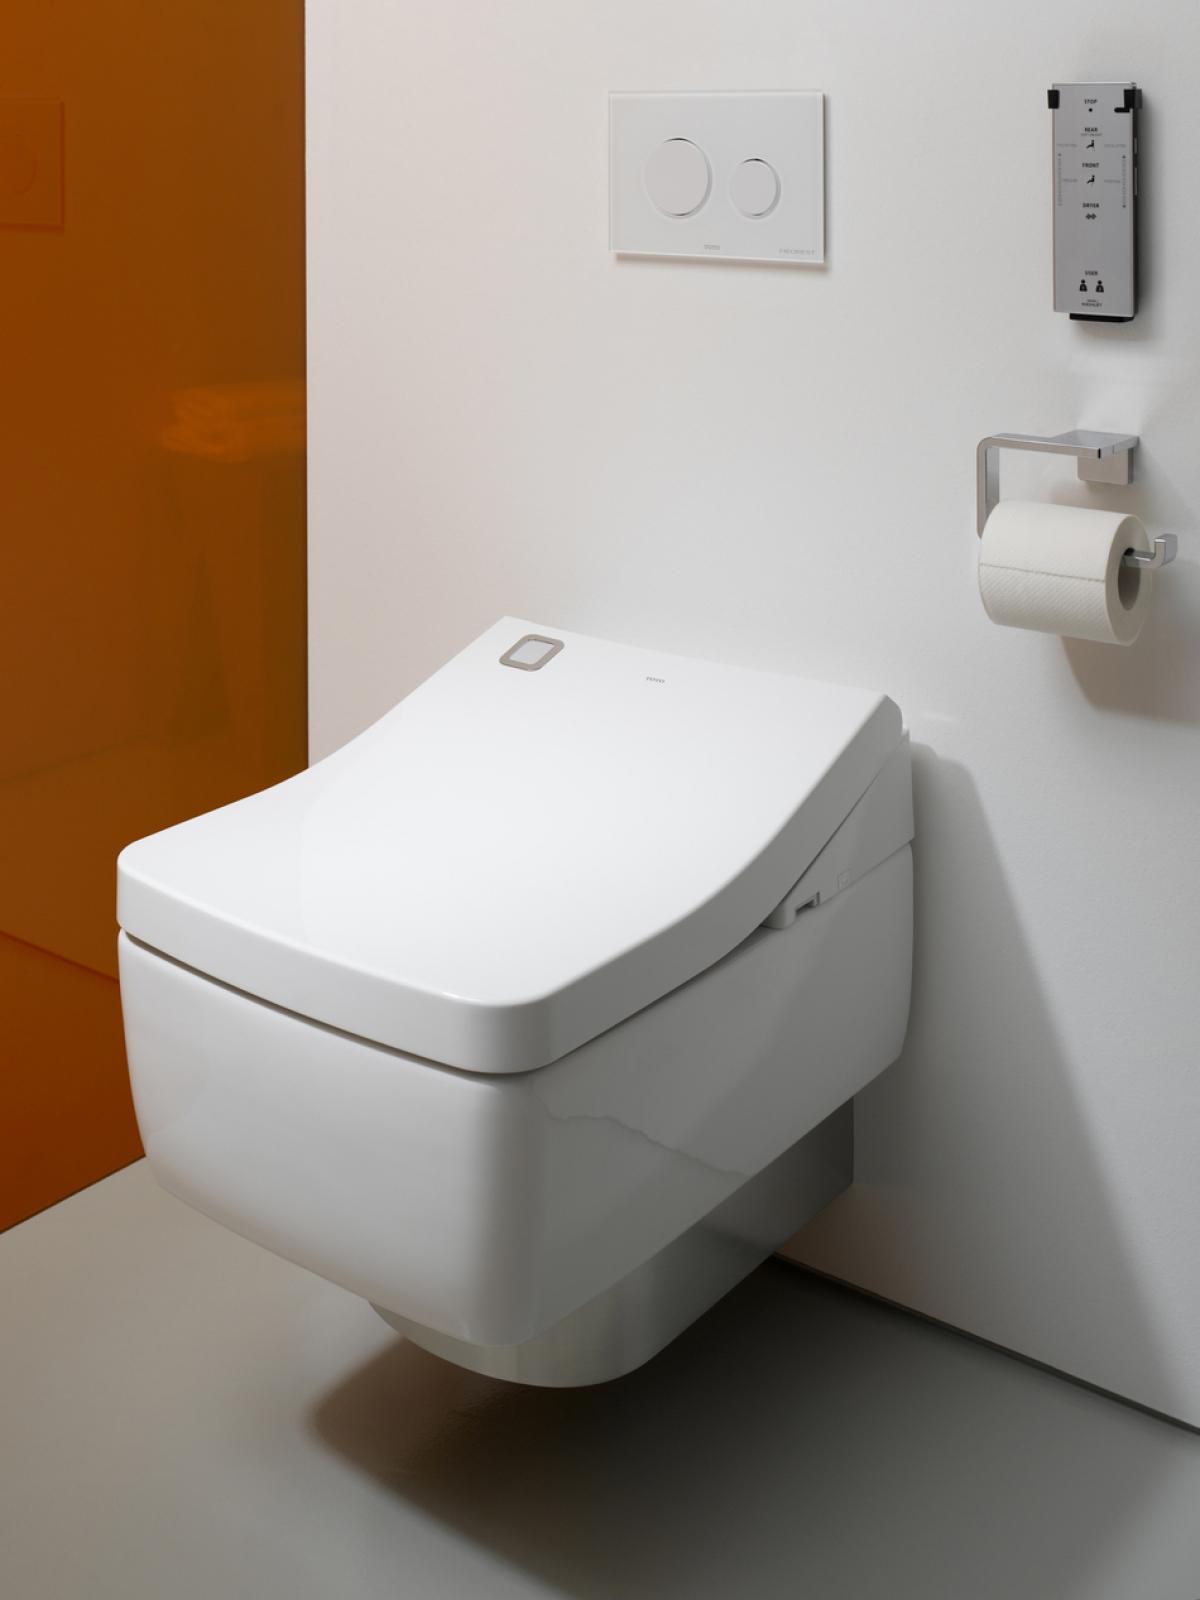 WC japonais intelligent design Washlet - TOTO | Induscabel, Salle de ...